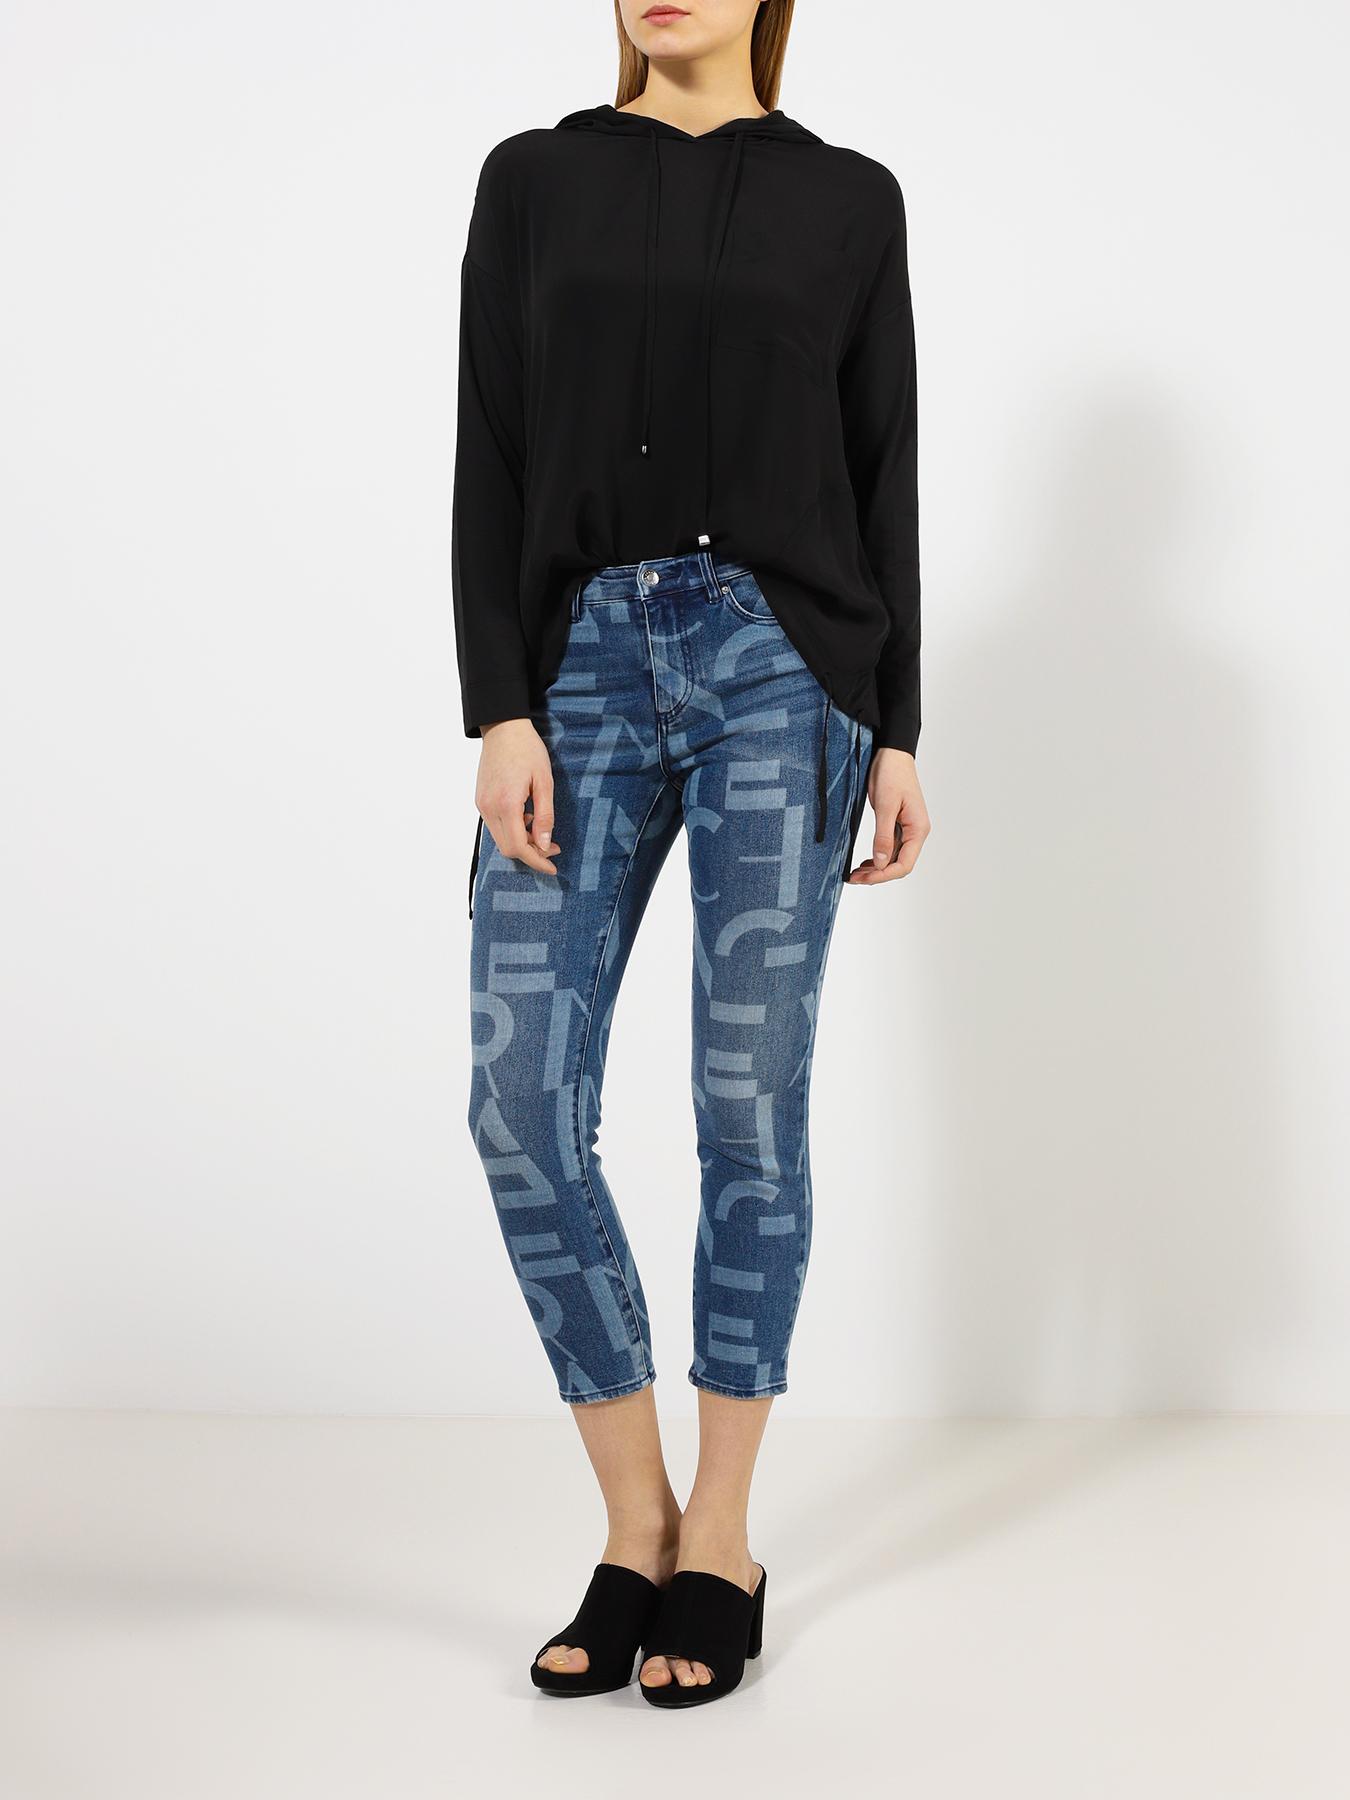 Брюки Armani Exchange Укороченные джинсы J61 джинсы lime укороченные джинсы